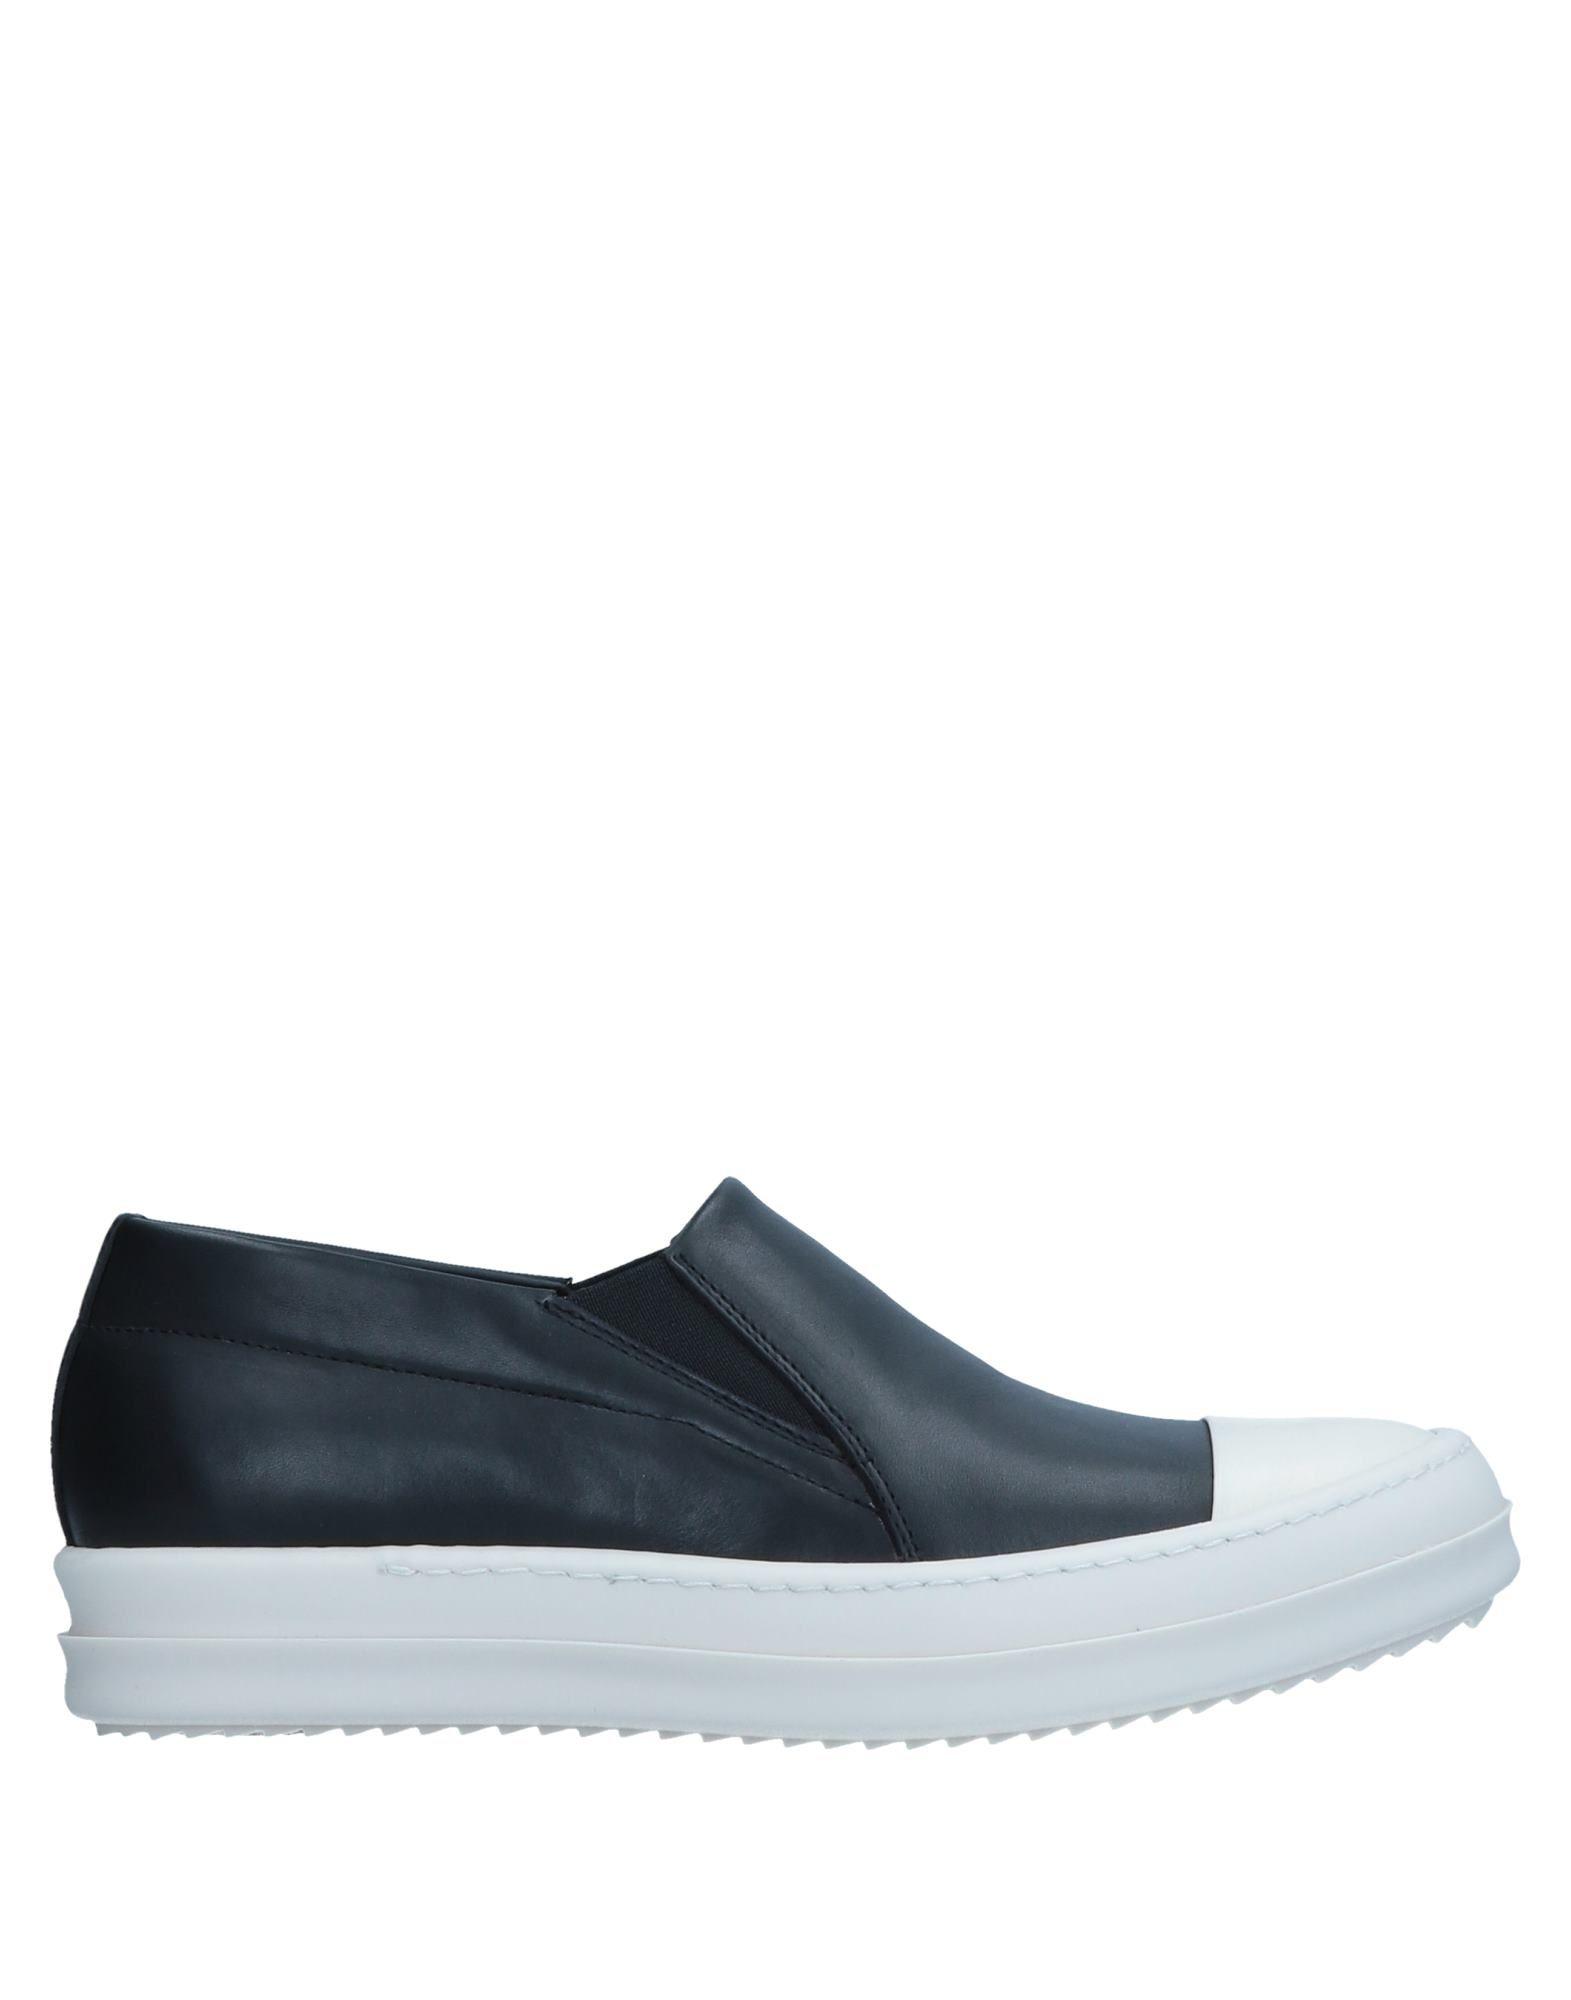 Rick Owens Sneakers Sneakers - Women Rick Owens Sneakers Sneakers online on  Australia - 11549894IW 11c122